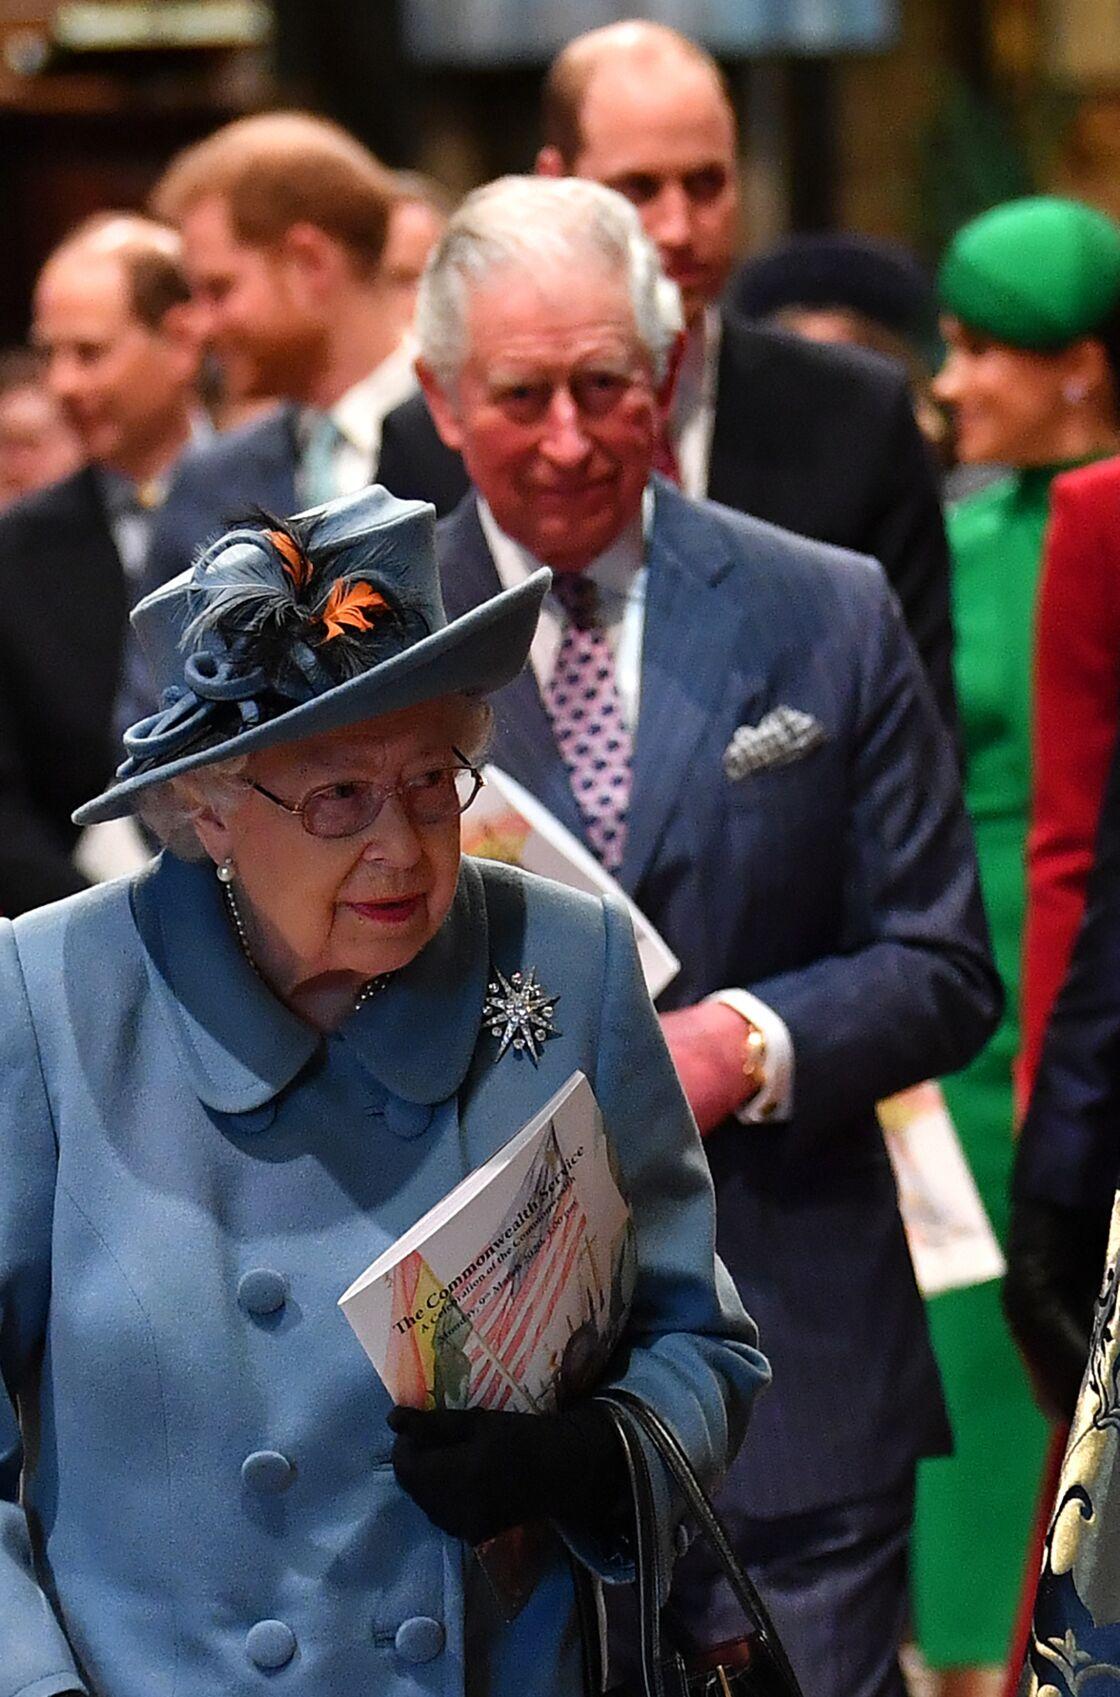 Le prince Charles derrière sa mère Elizabeth II, lors des célébrations du Commonwealth à l'abbaye de Westminster, en mars 2020. Une marche selon l'ordre de succession au trône qui montre déjà le rôle qui attend le prince de Galles.